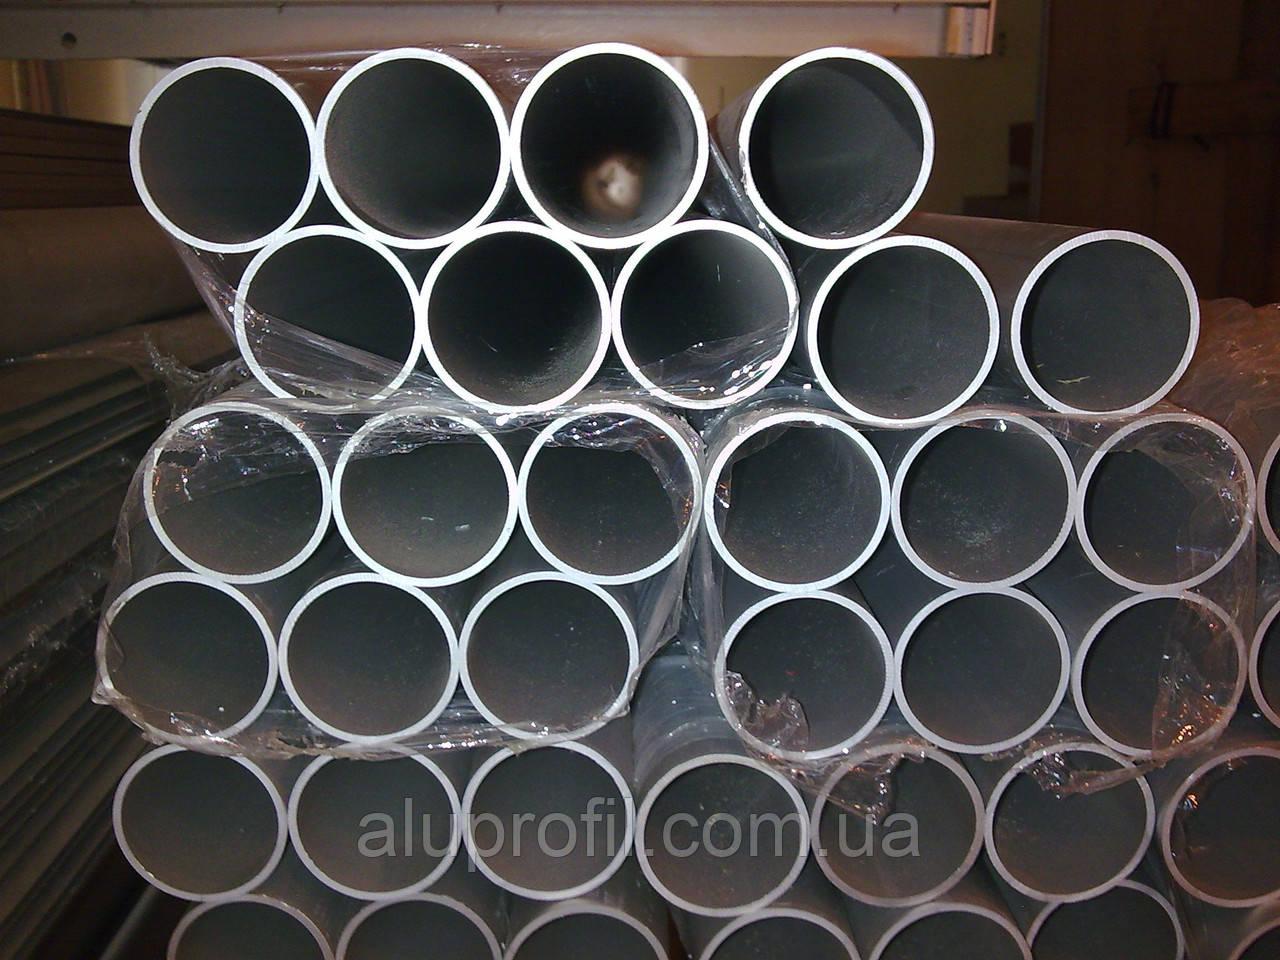 Алюминиевый профиль — труба алюминиевая круглая 30х2, фото 1